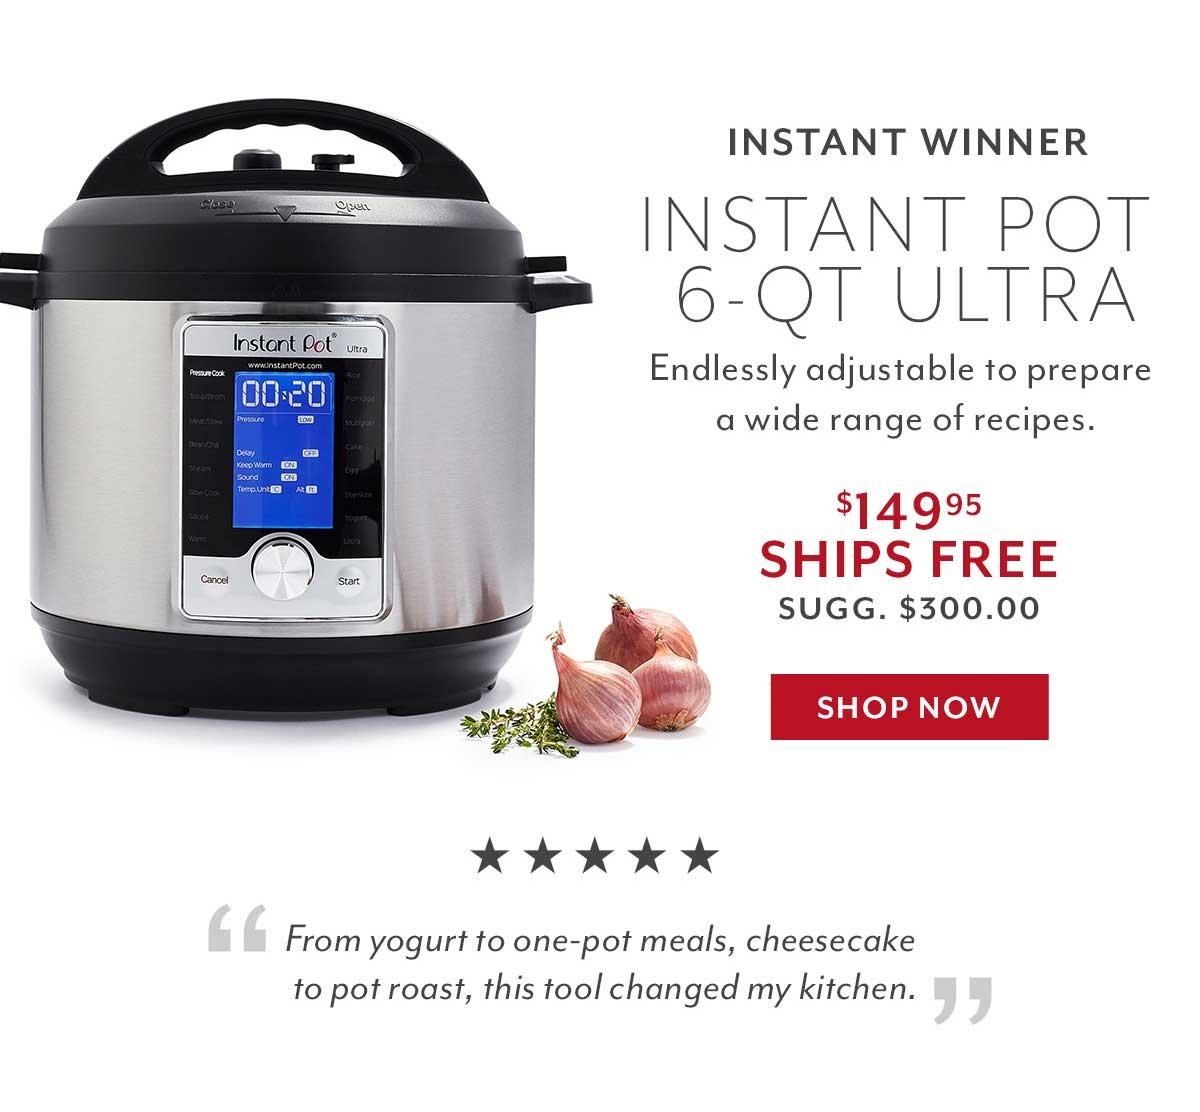 Instant Pot 6-QT Ultra